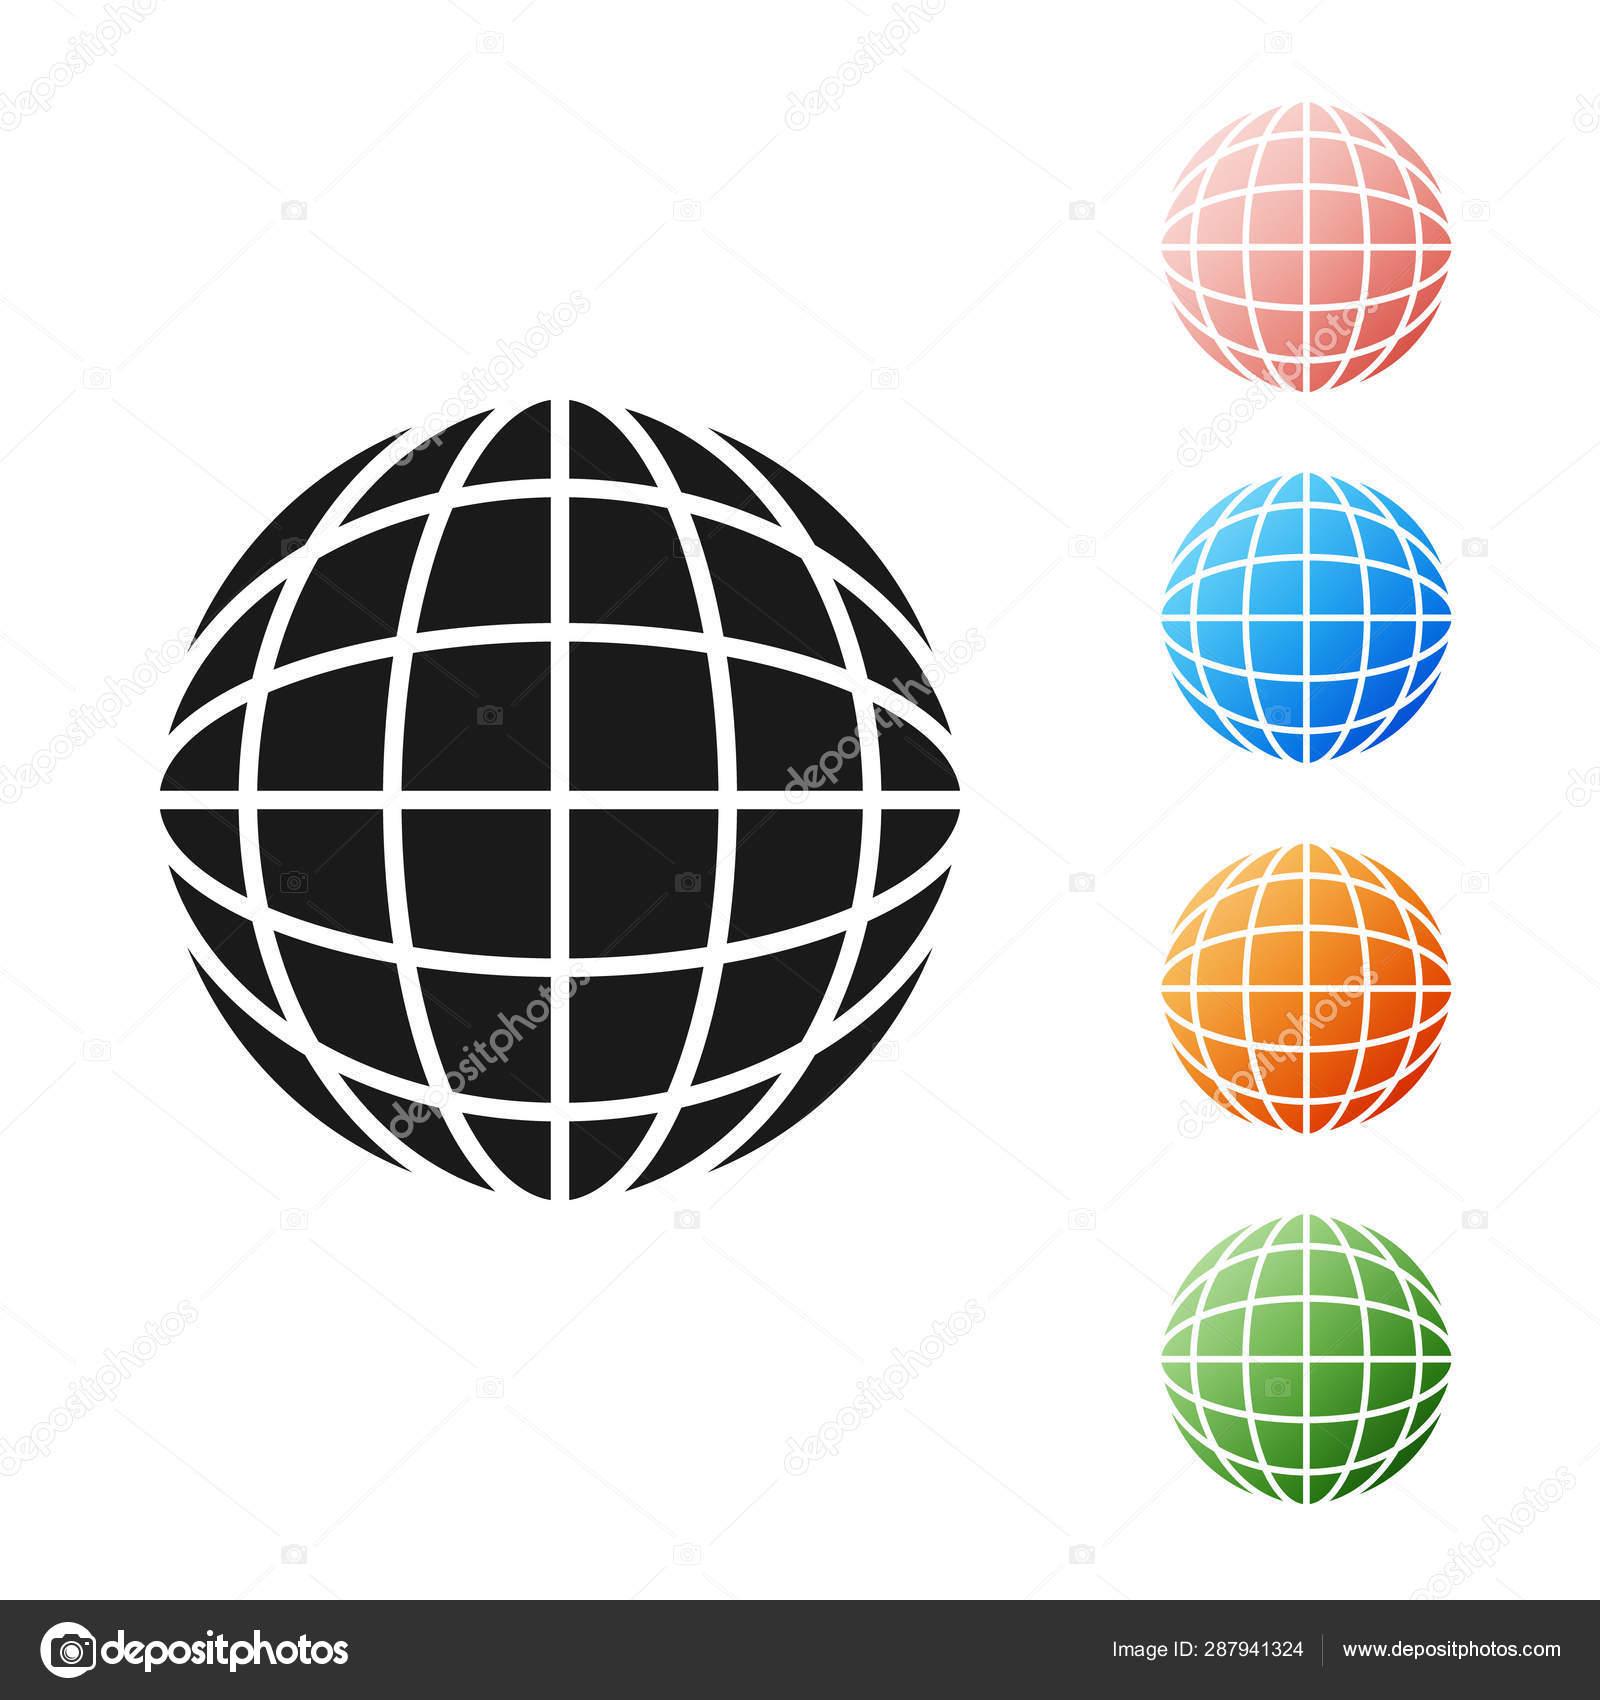 Black Earth globe icon isolated on white background  World